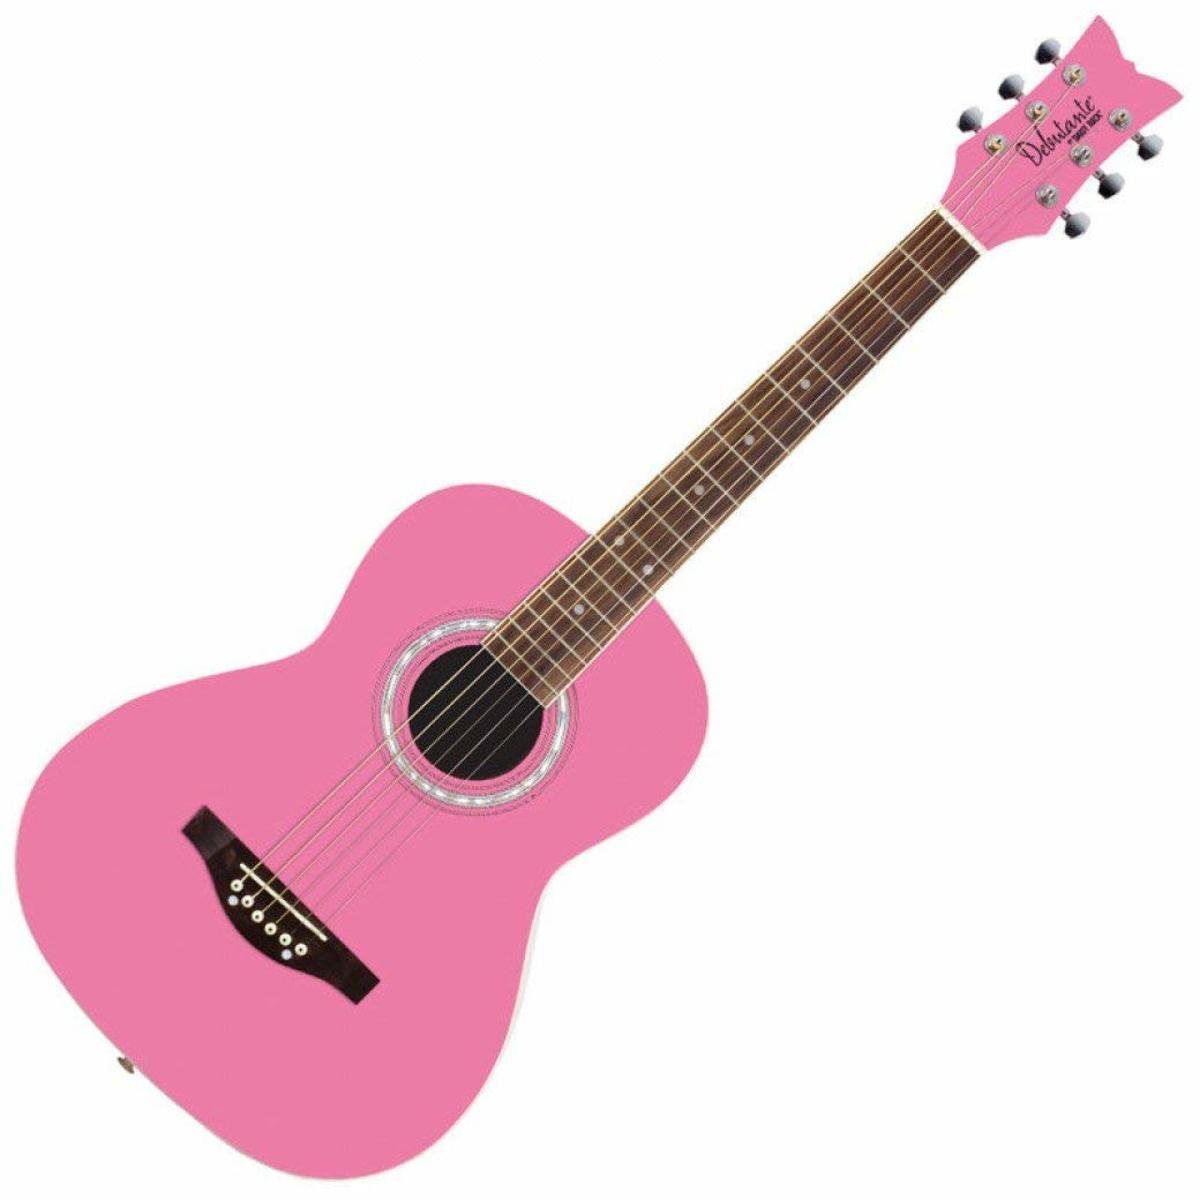 best beginner guitars for